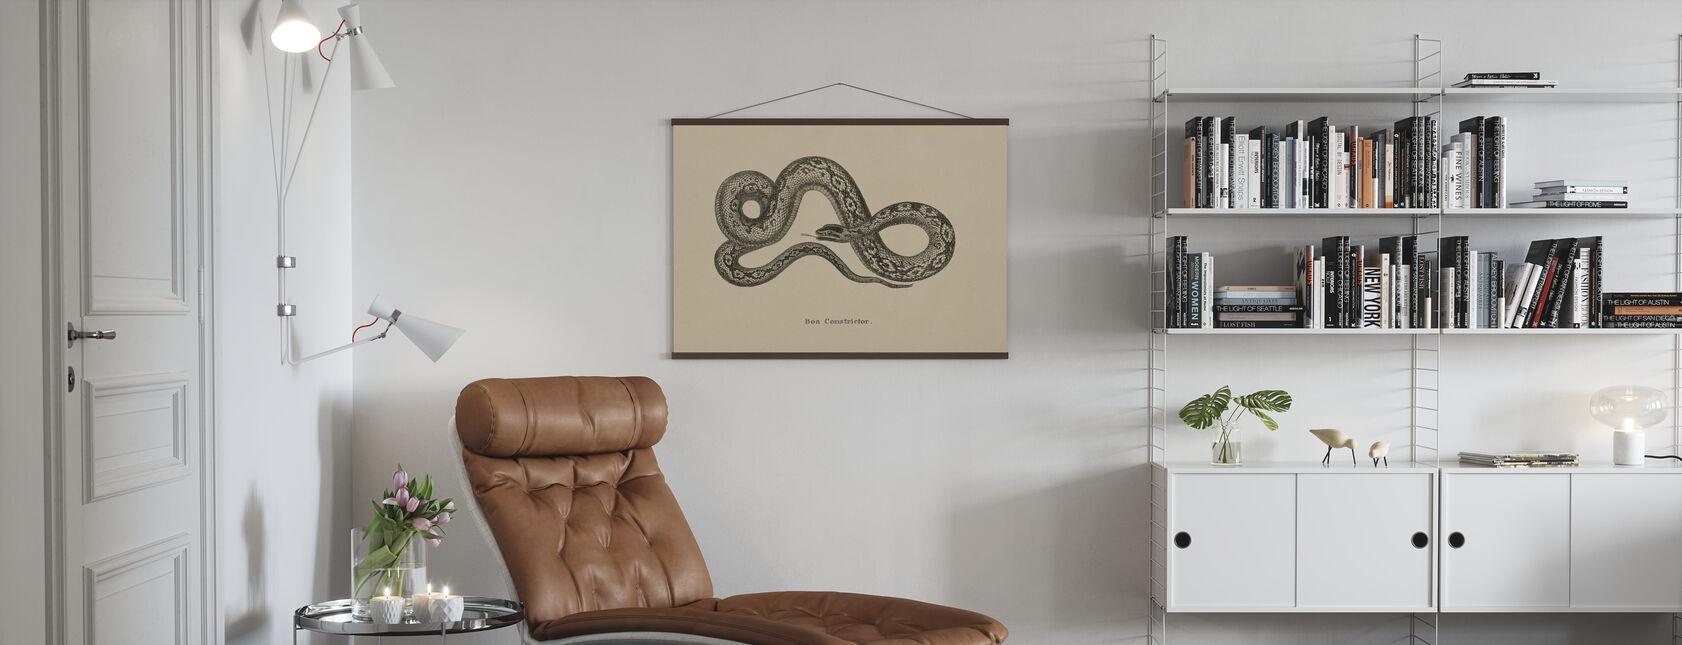 Boa Constrictor vintage - Poster - Salotto